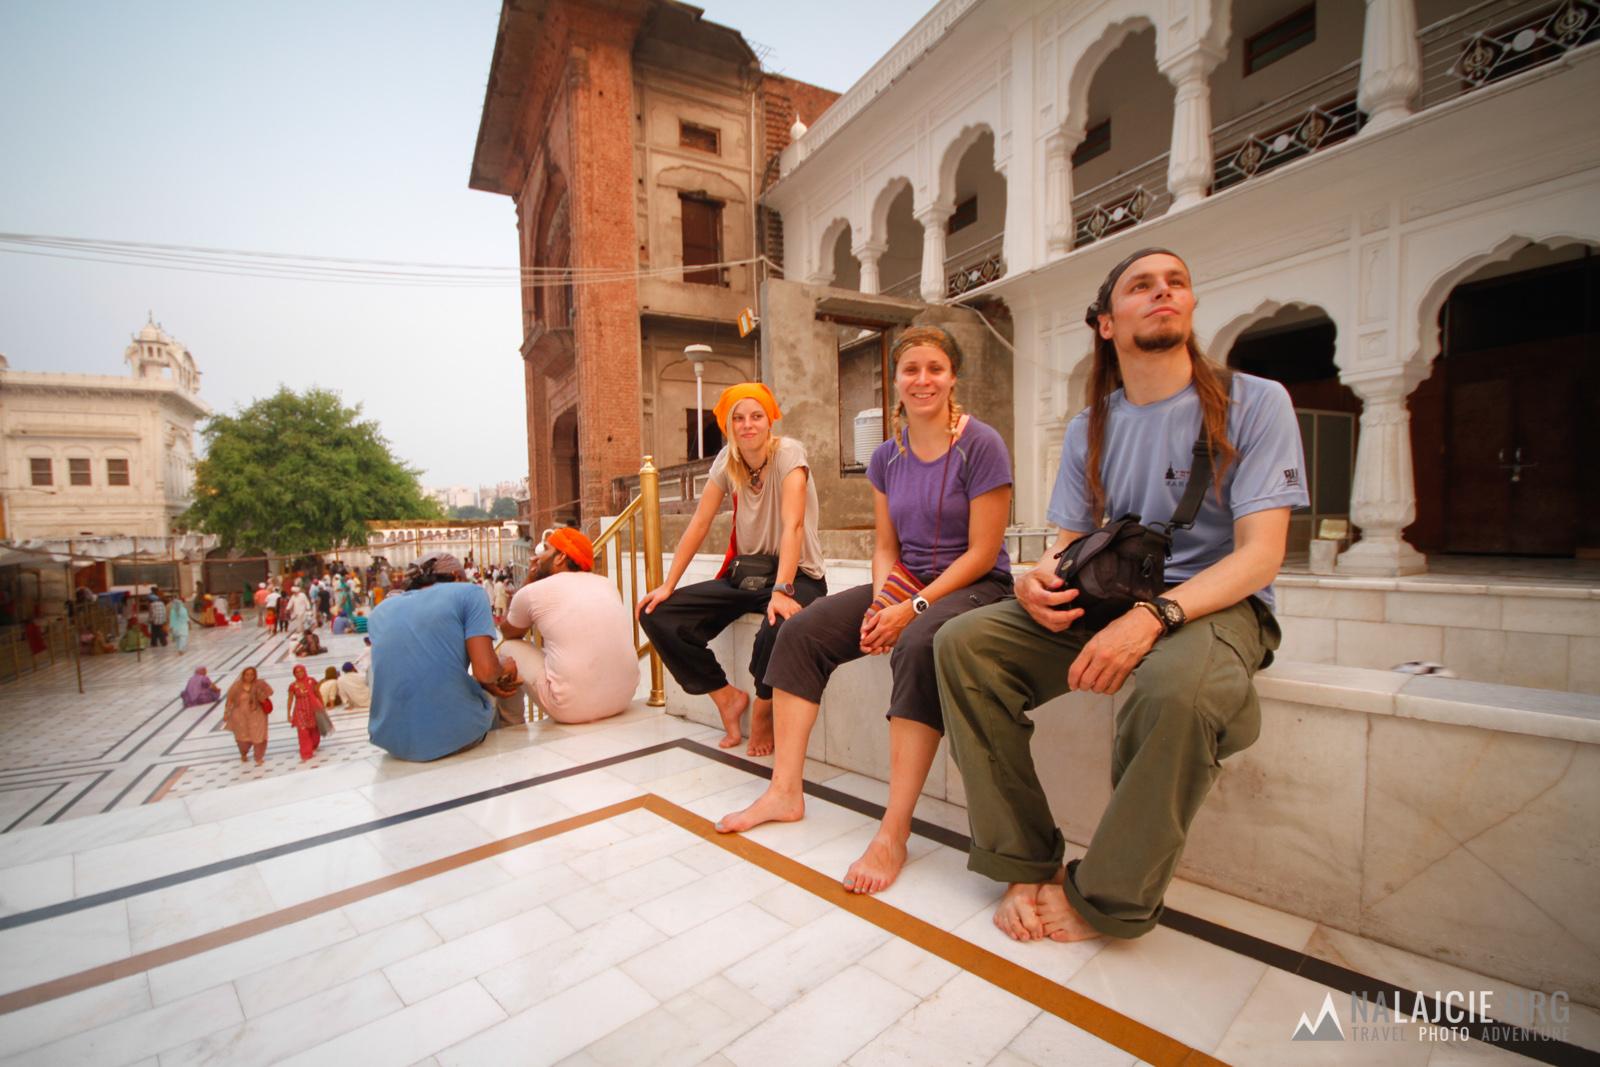 Zwiedzanie świątyni obowiązkowo na bosaka!